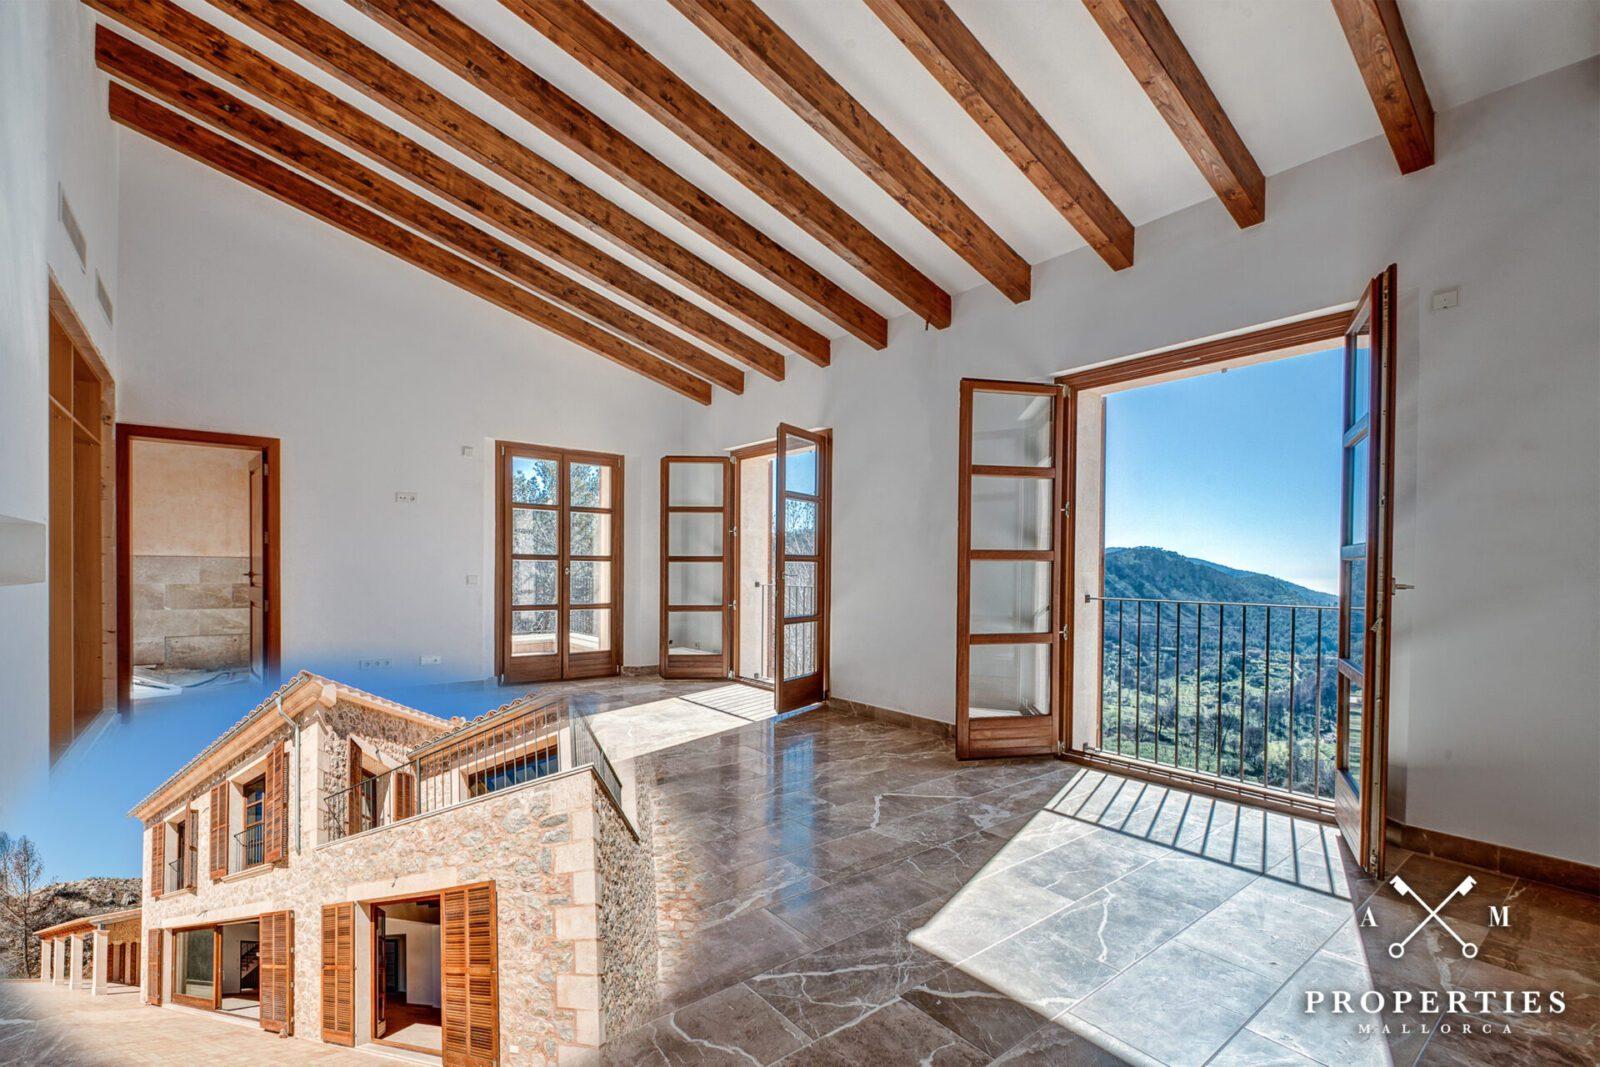 Inmobiliaria en mallorca comprar una casa en andratx am propertiesam properties mallorca - Alquiler casa andratx ...